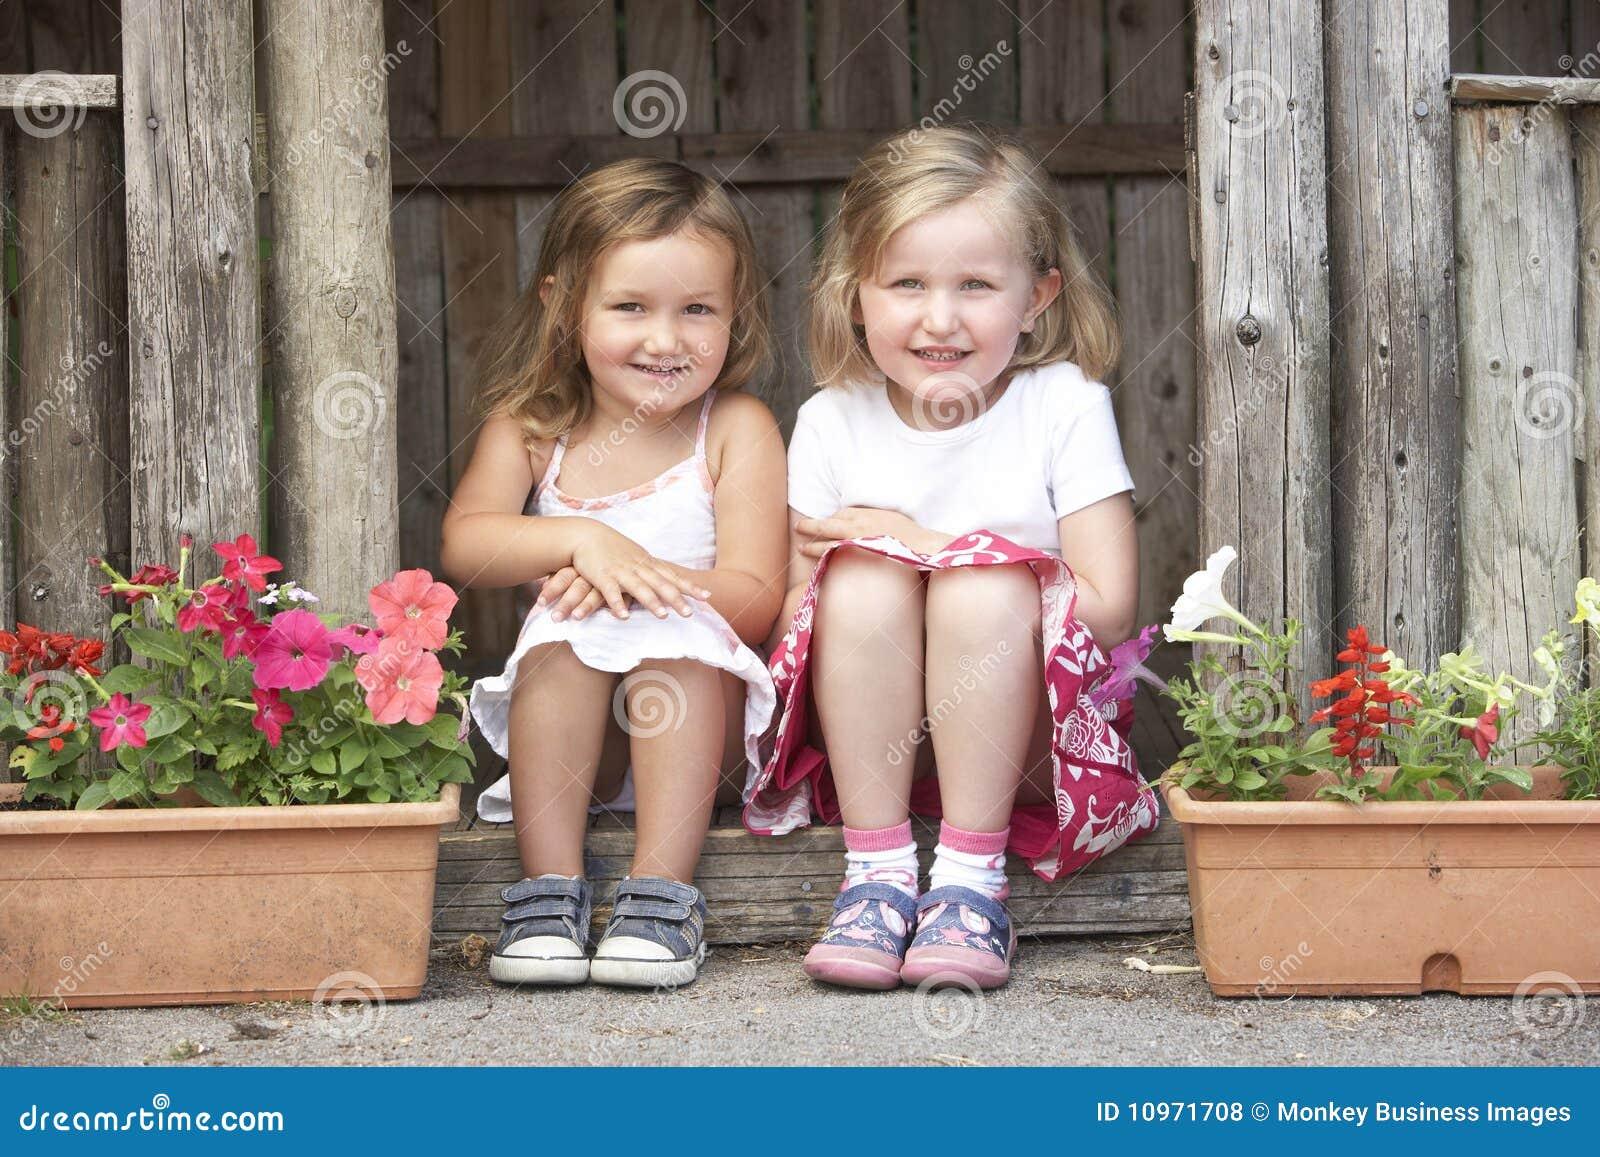 фото юних девочек в дома